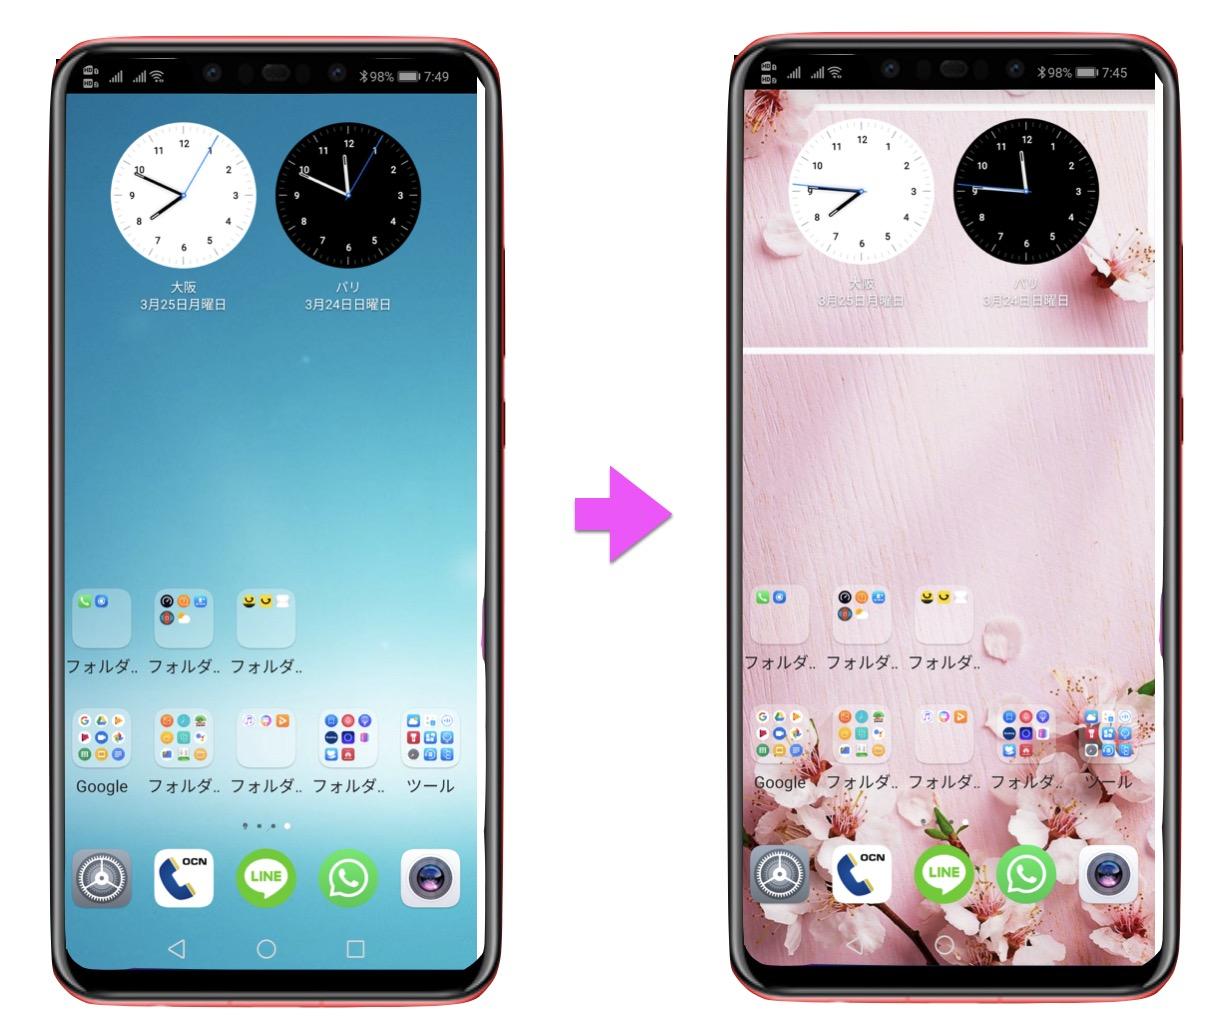 Huawei Nova 3 の壁紙を替える方法について説明します スマホの達人